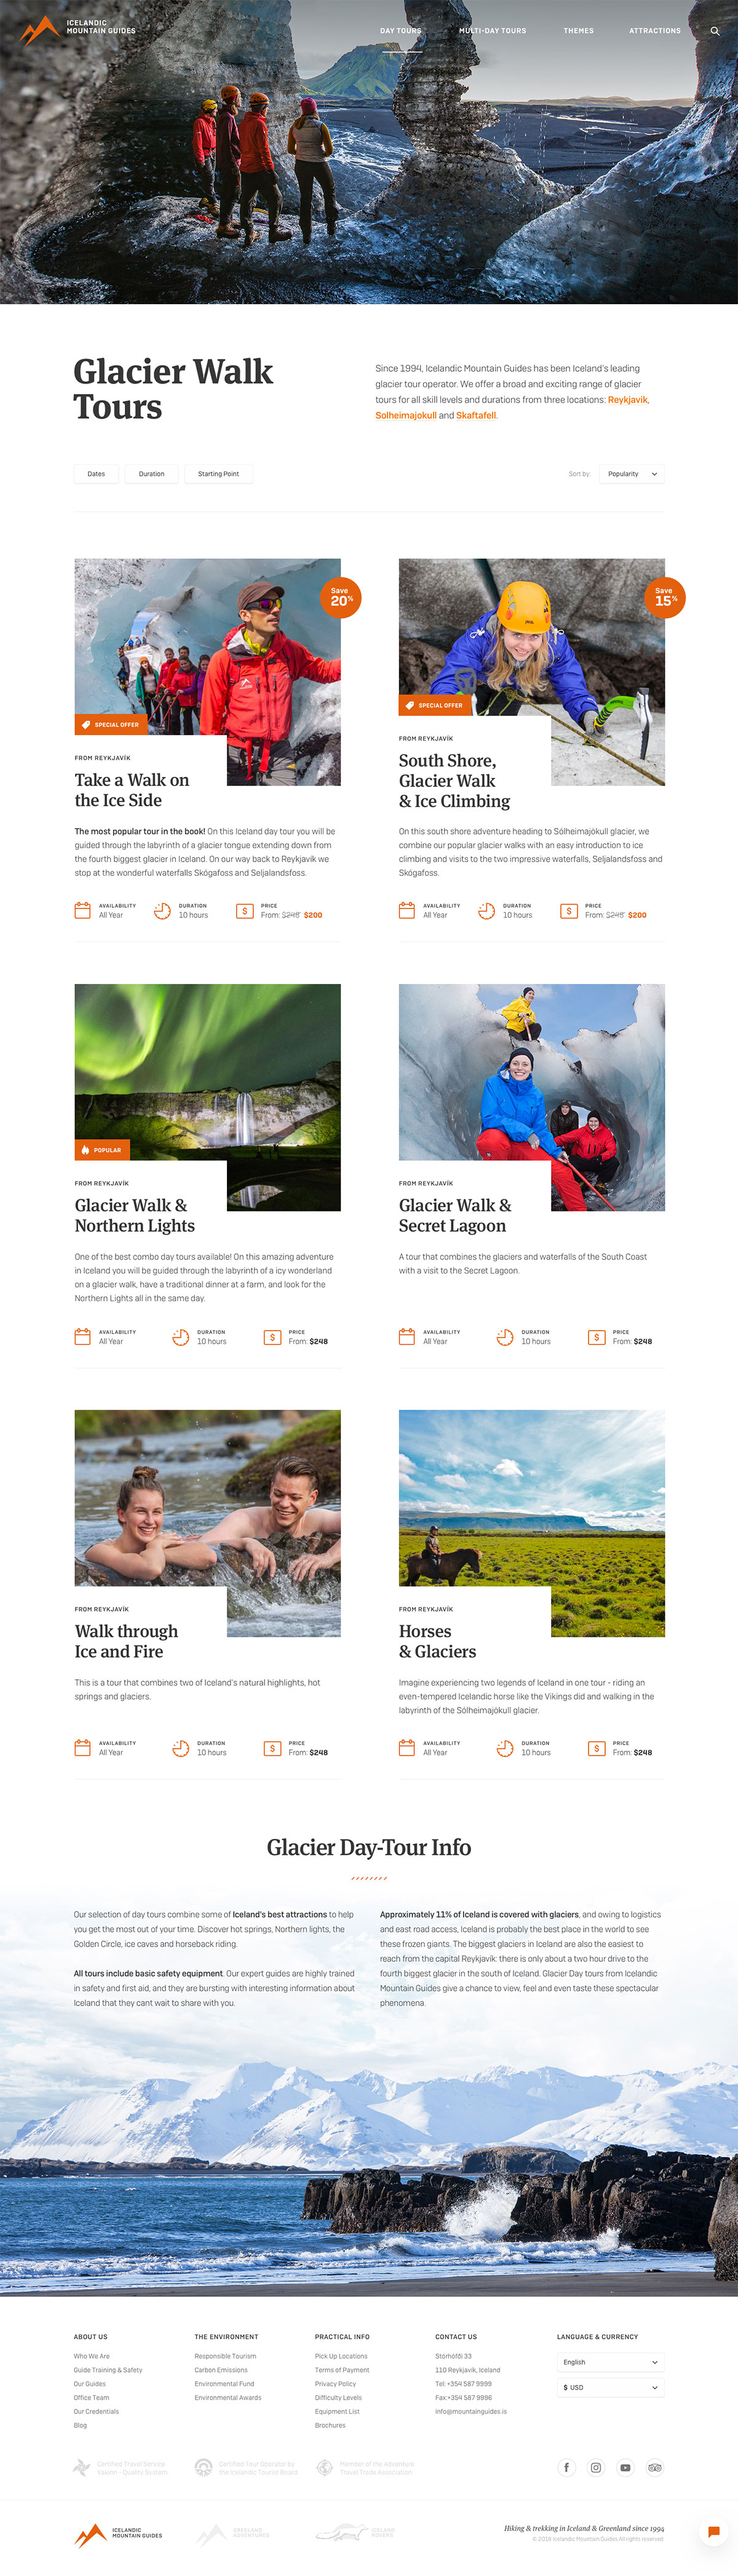 design work image full